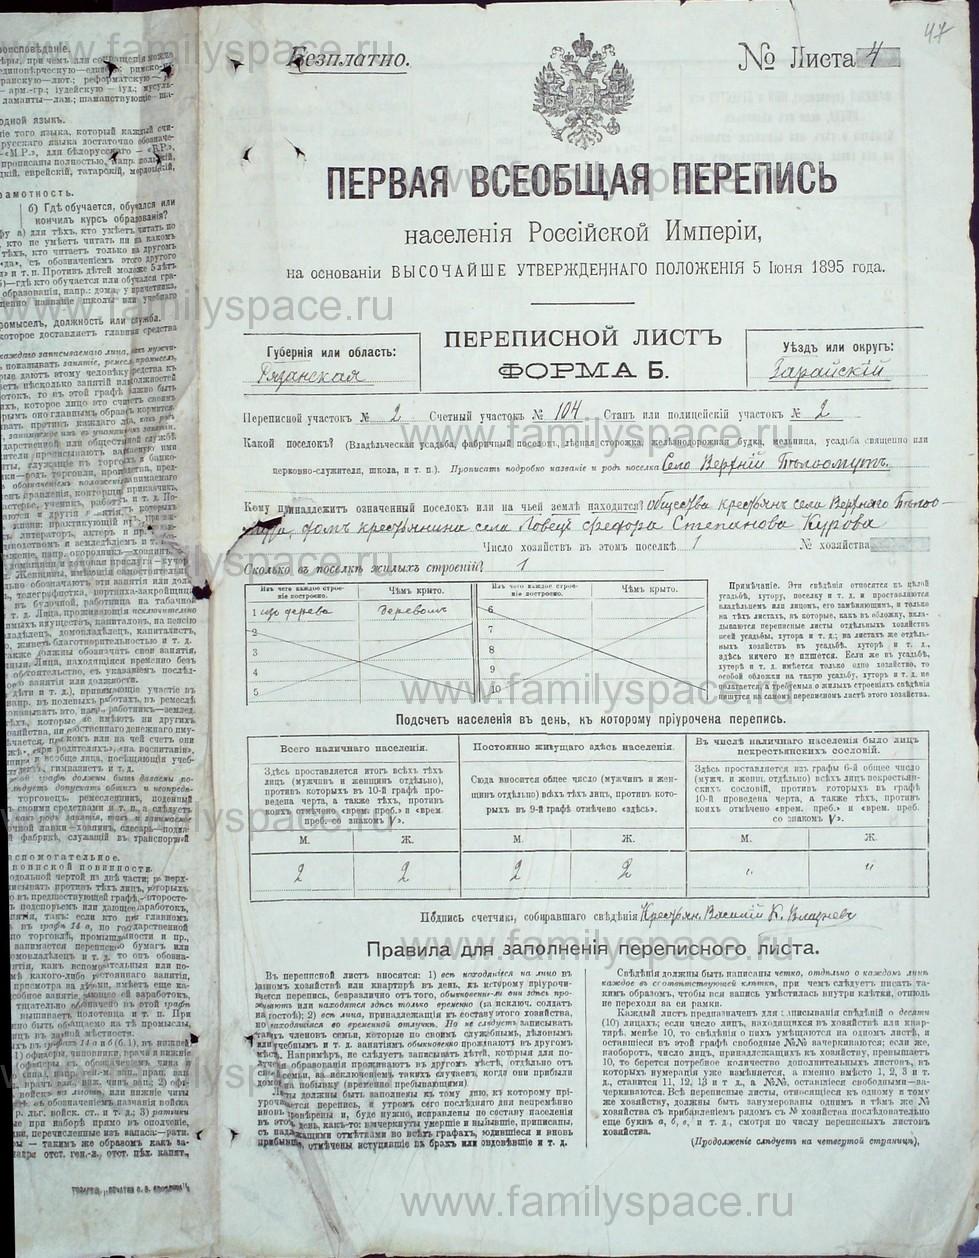 Поиск по фамилии - Первая всеобщая перепись населения Российской империи 1897 года, Рязанская губерния, Зарайский уезд, страница 46